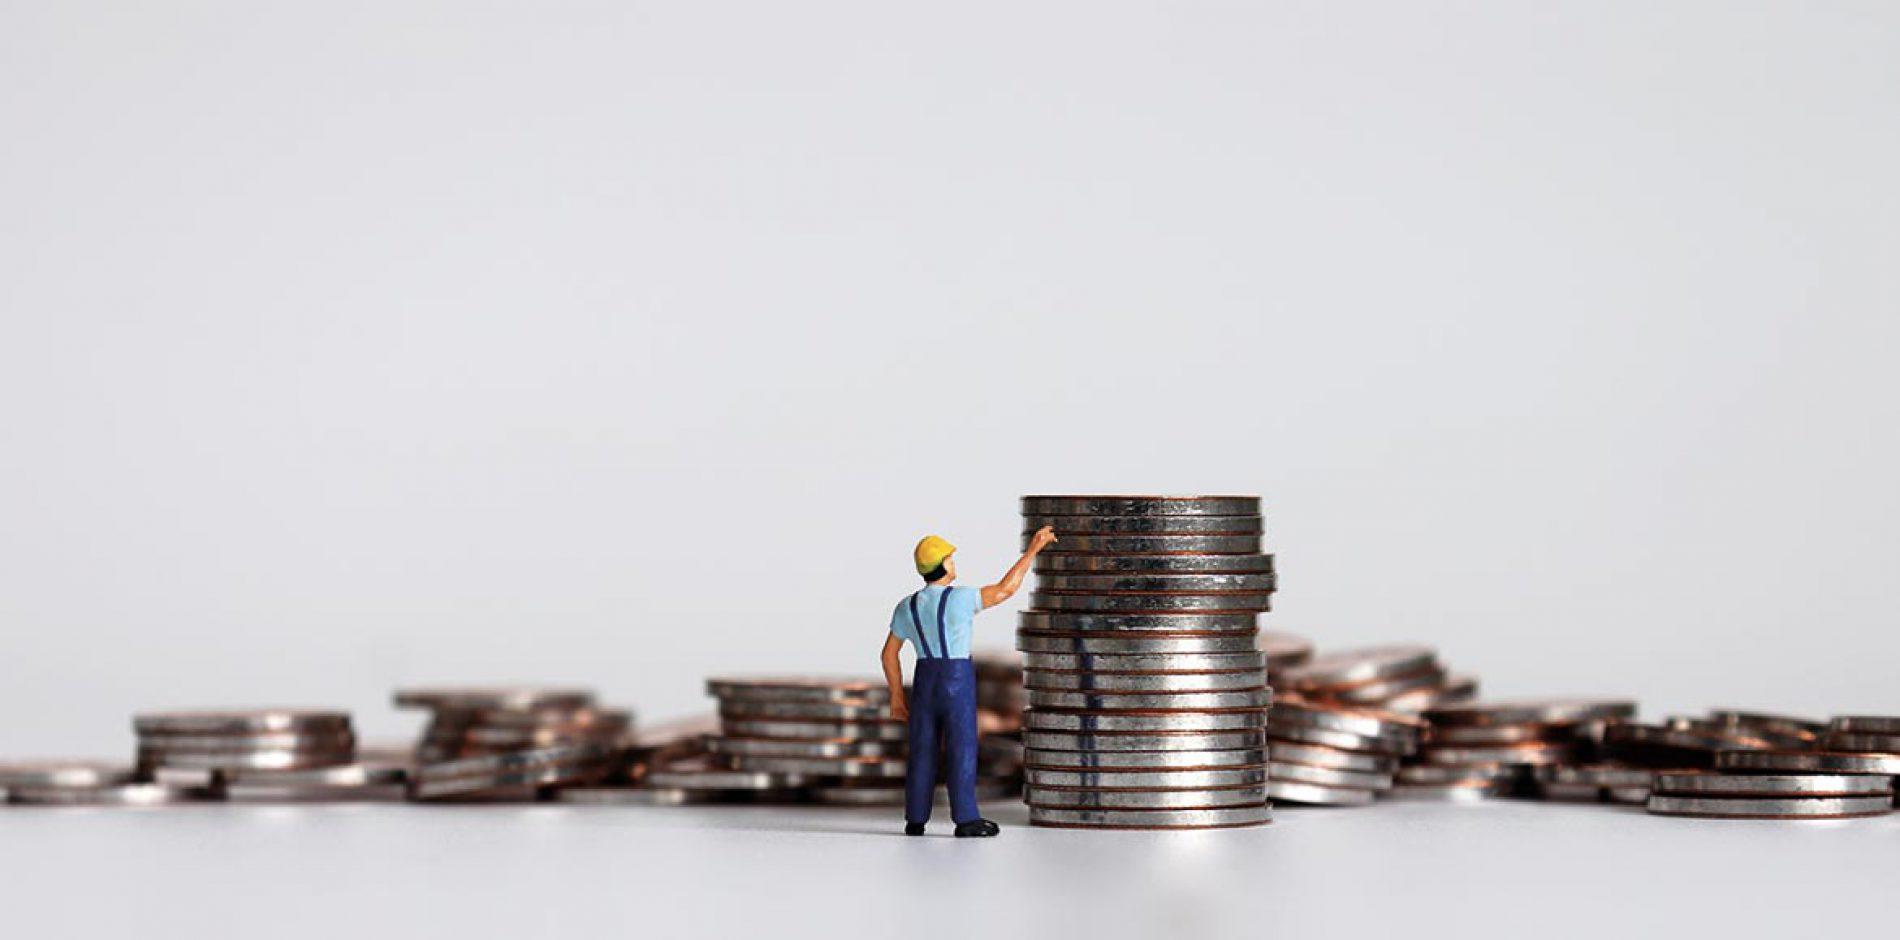 Salario minimo 2021: l'approvazione del Parlamento europeo